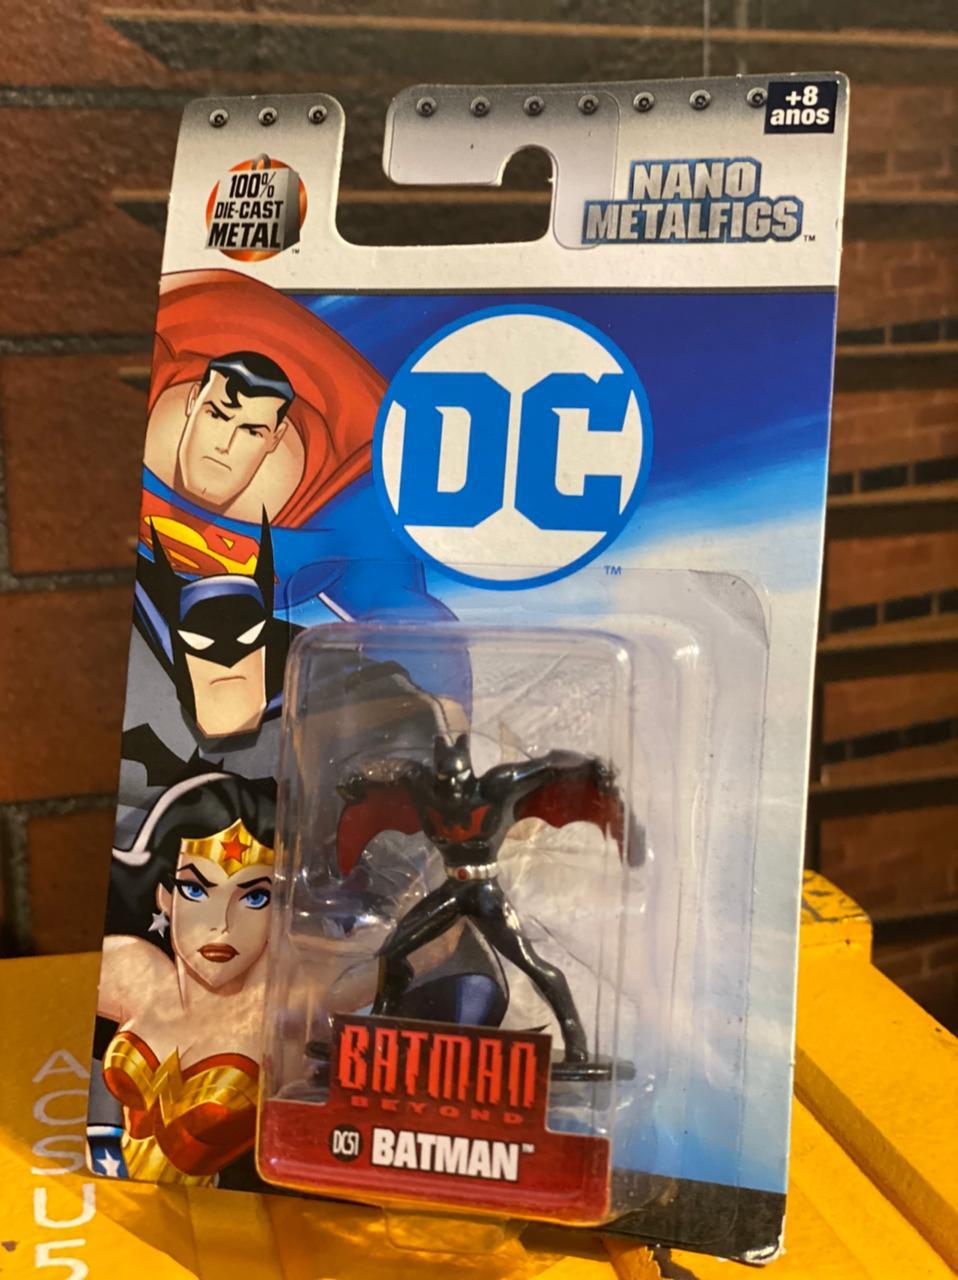 Nano Metalfigs Batman (Beyond): DC Comics (DC51) - DTC